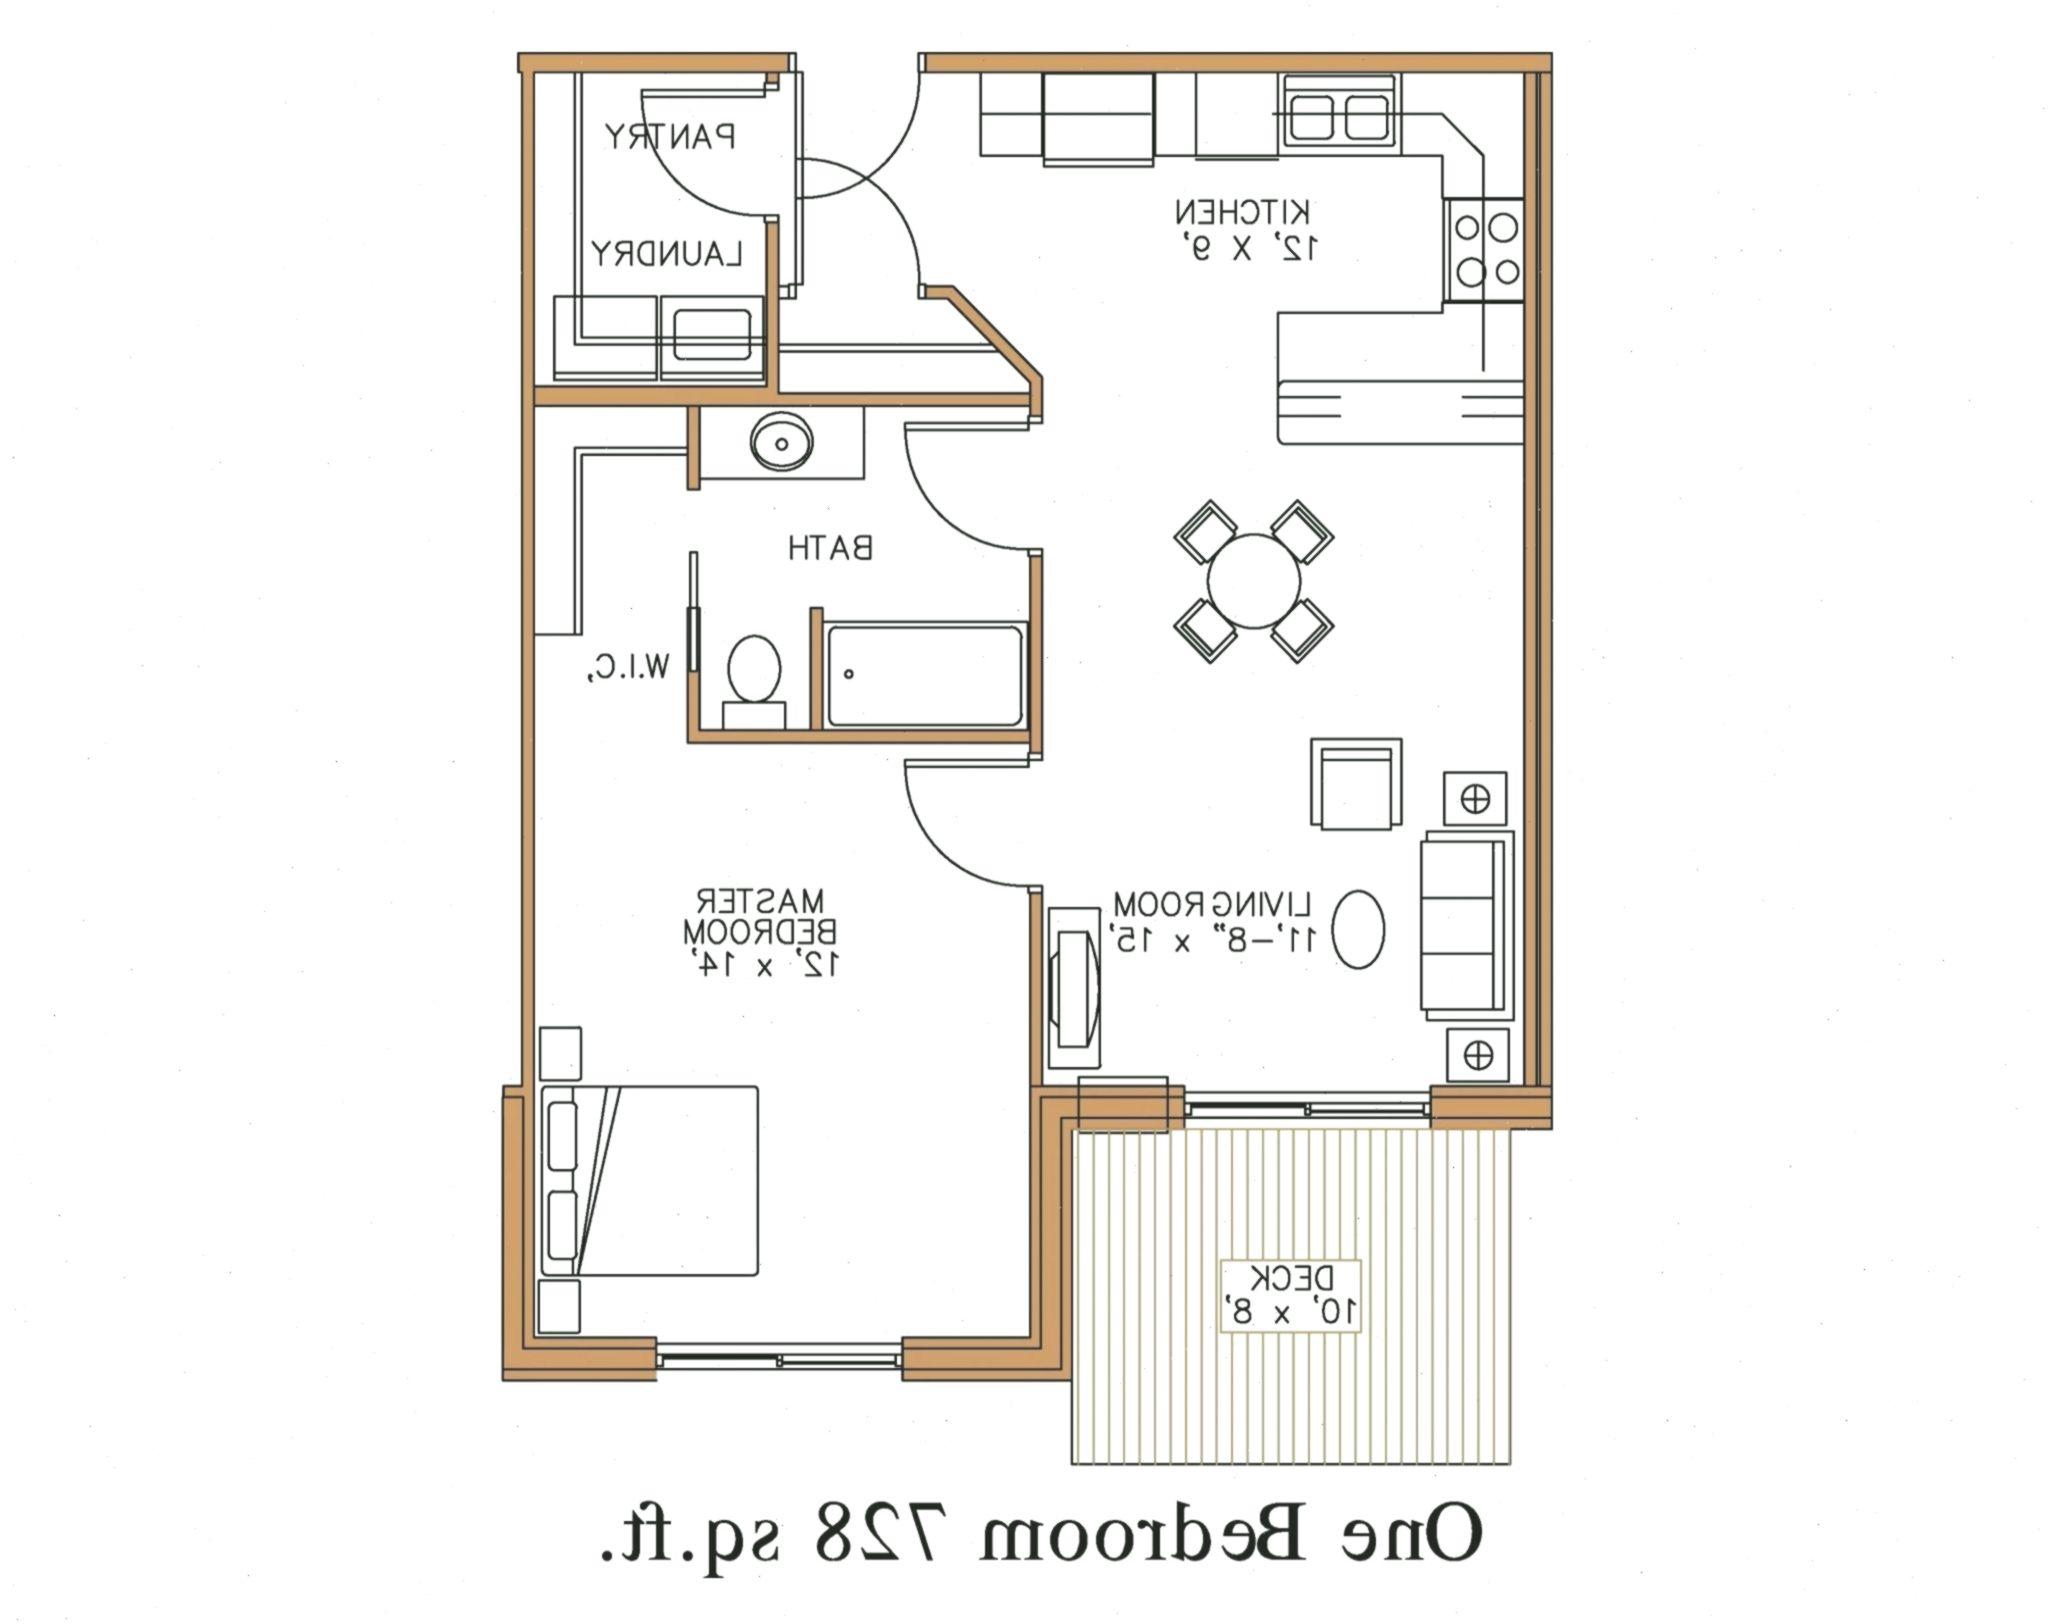 Bonanza Ponderosa Ranch House Plans Dreamhouseplans Dream Dreamhouseplanspictures Dreamhouse House Ranch House Plans House Plans Floor Plans